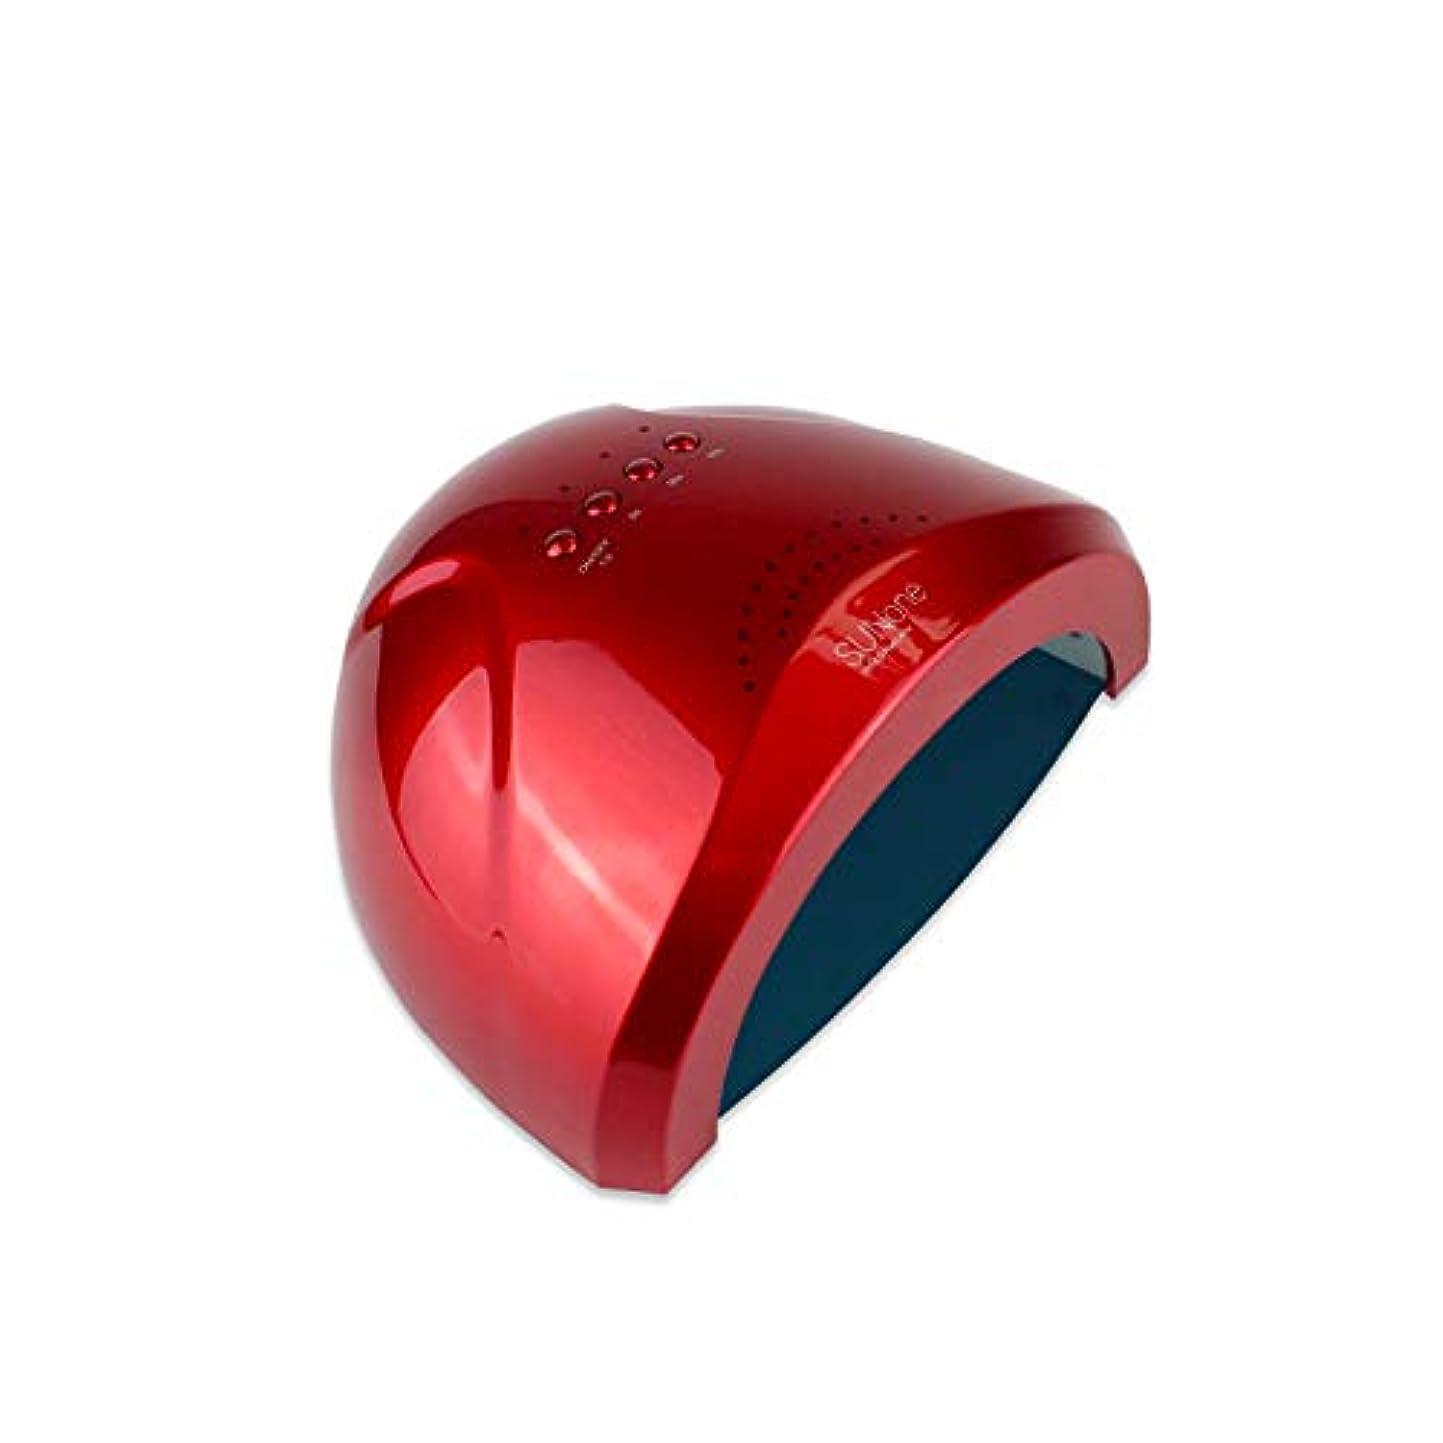 魅了する空いている構成員LEDネイル光線療法機、ホームインテリジェントセンサー多機能リムーバブルネイルキュアマシン、デュアルソースネイルポリッシャー、ホテル/家族/ホテルに適しています